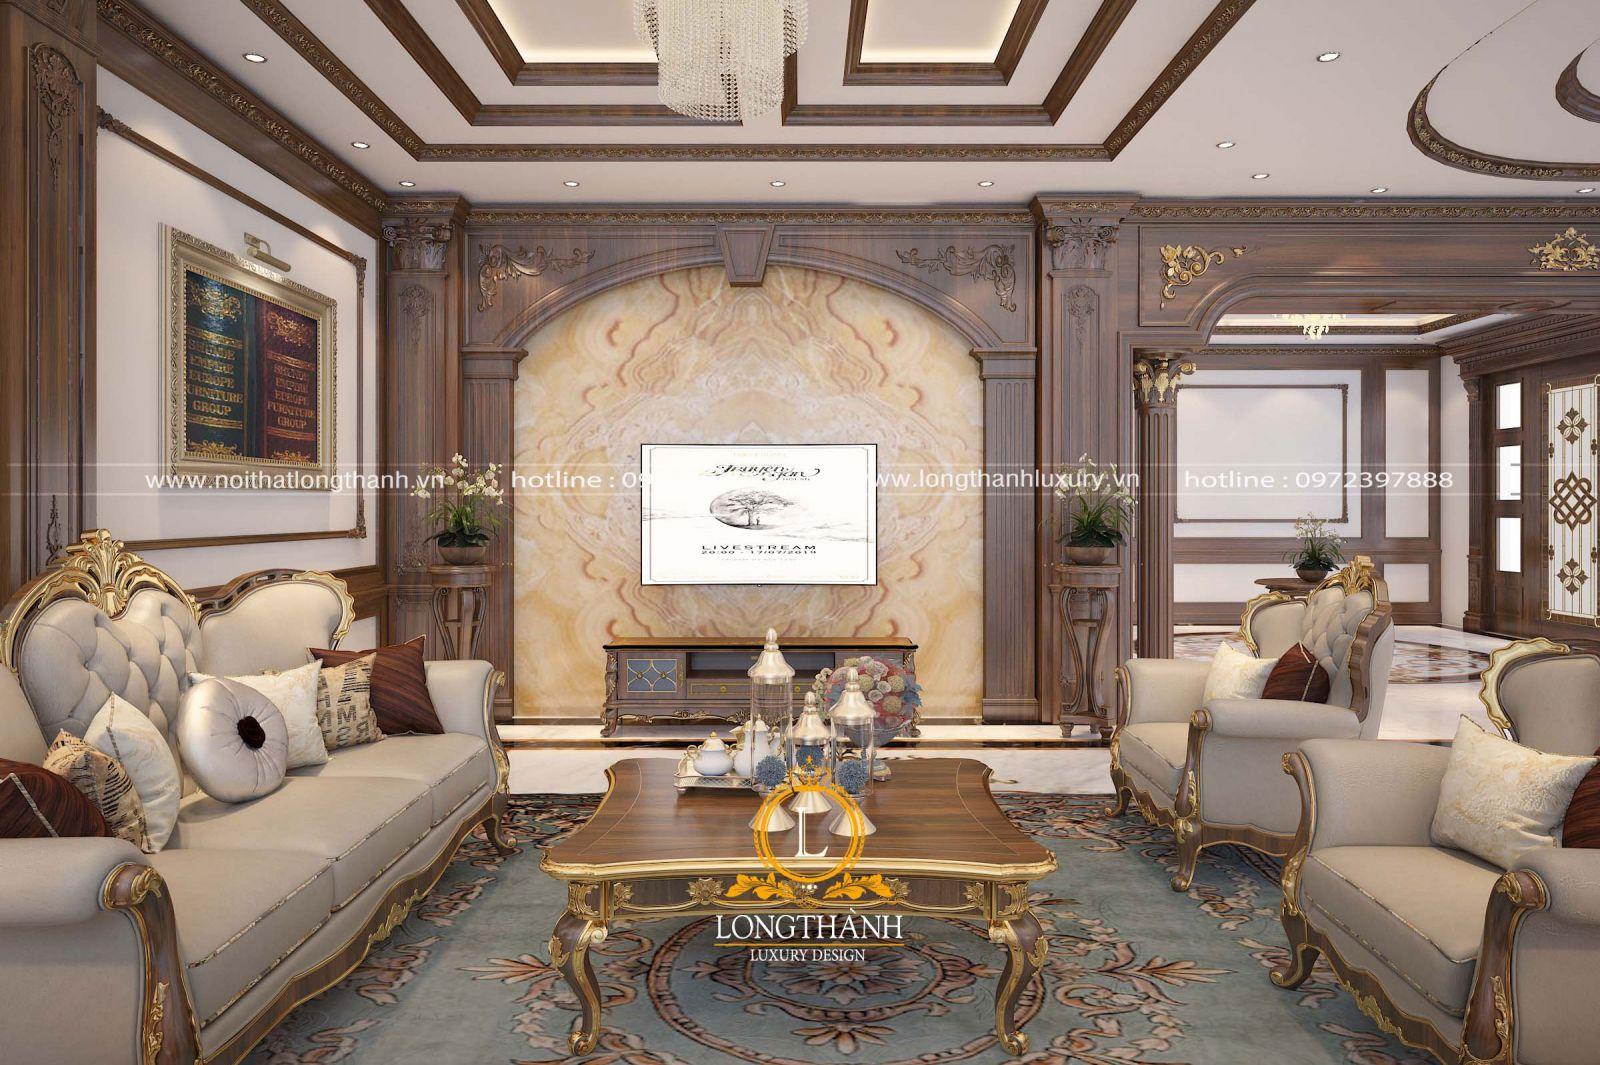 Căn phòng khách tân cổ điển sang trọng được chạm khắc hoa văn cầu kỳ tinh tế